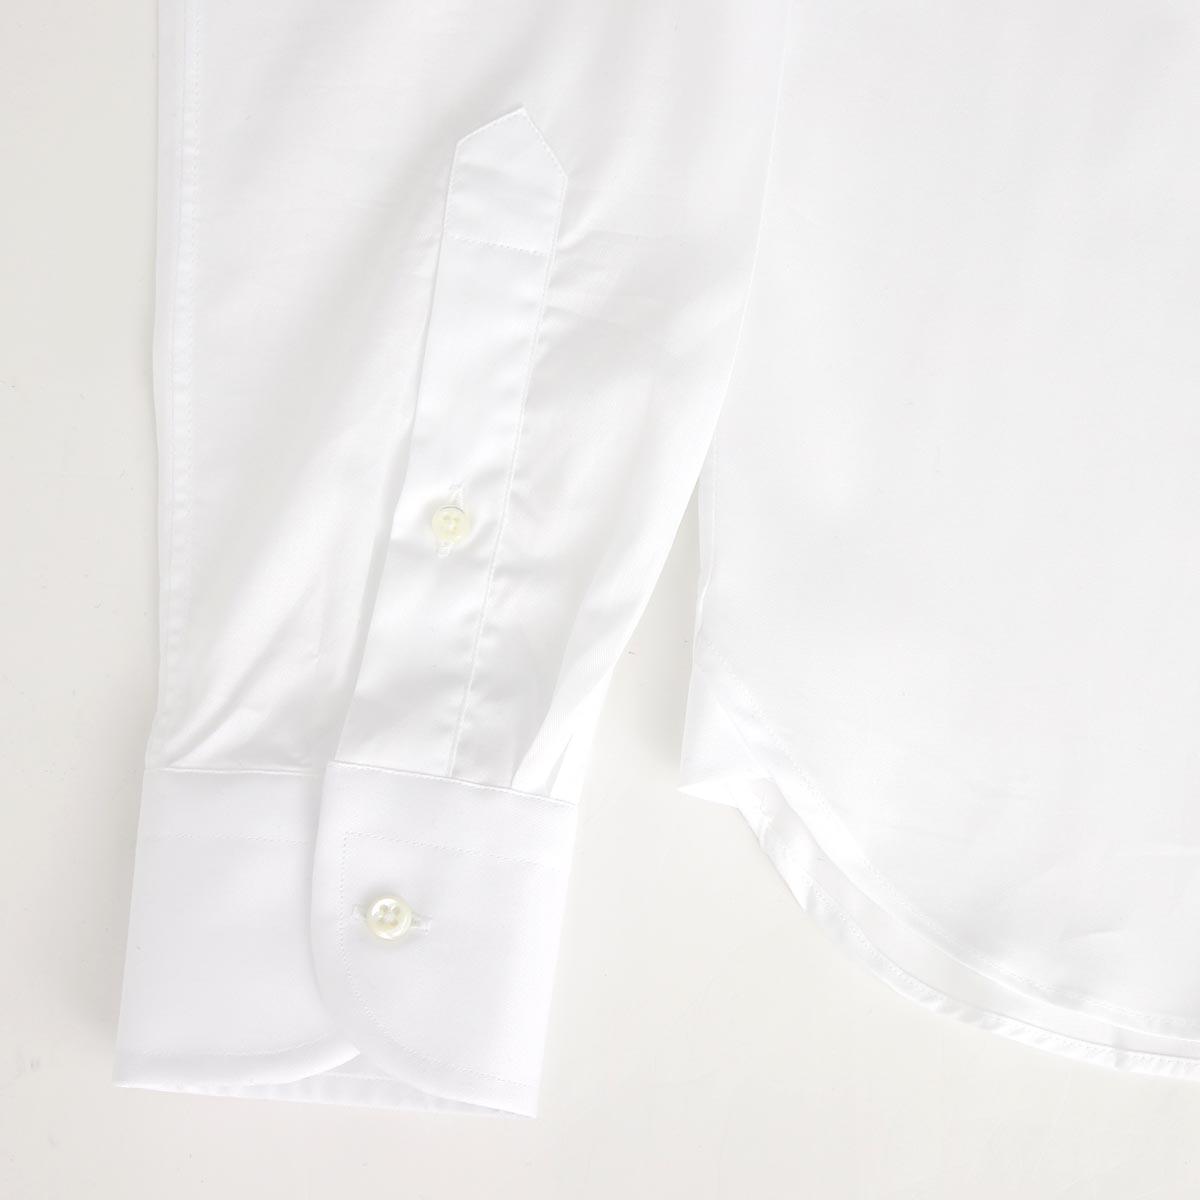 【タイムセール TOPS】GUY ROVER ギローバー ホリゾンタルカラー シャツ/CAMICIA MENS SHIRT メンズ